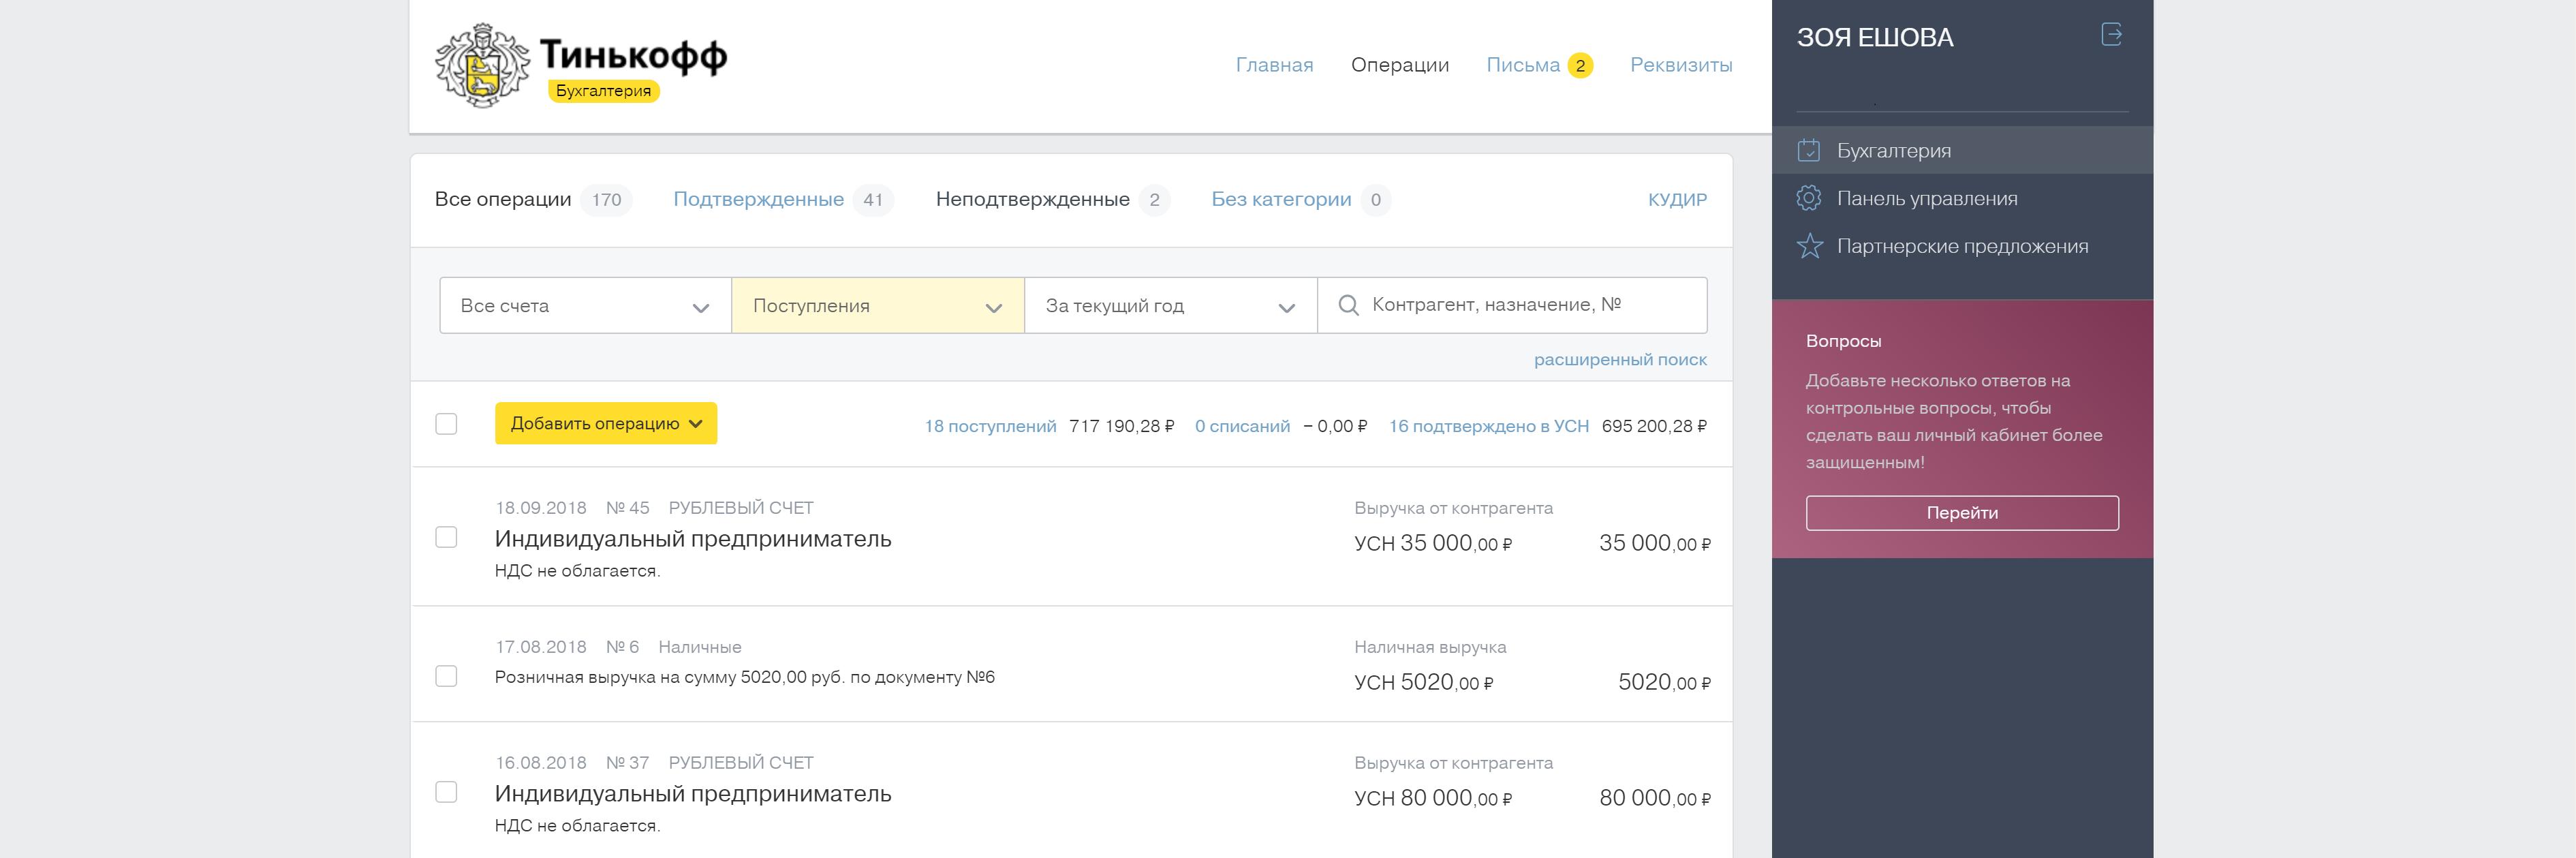 Тинькофф бизнес бухгалтерия регистрация ип в 2019 году в москве